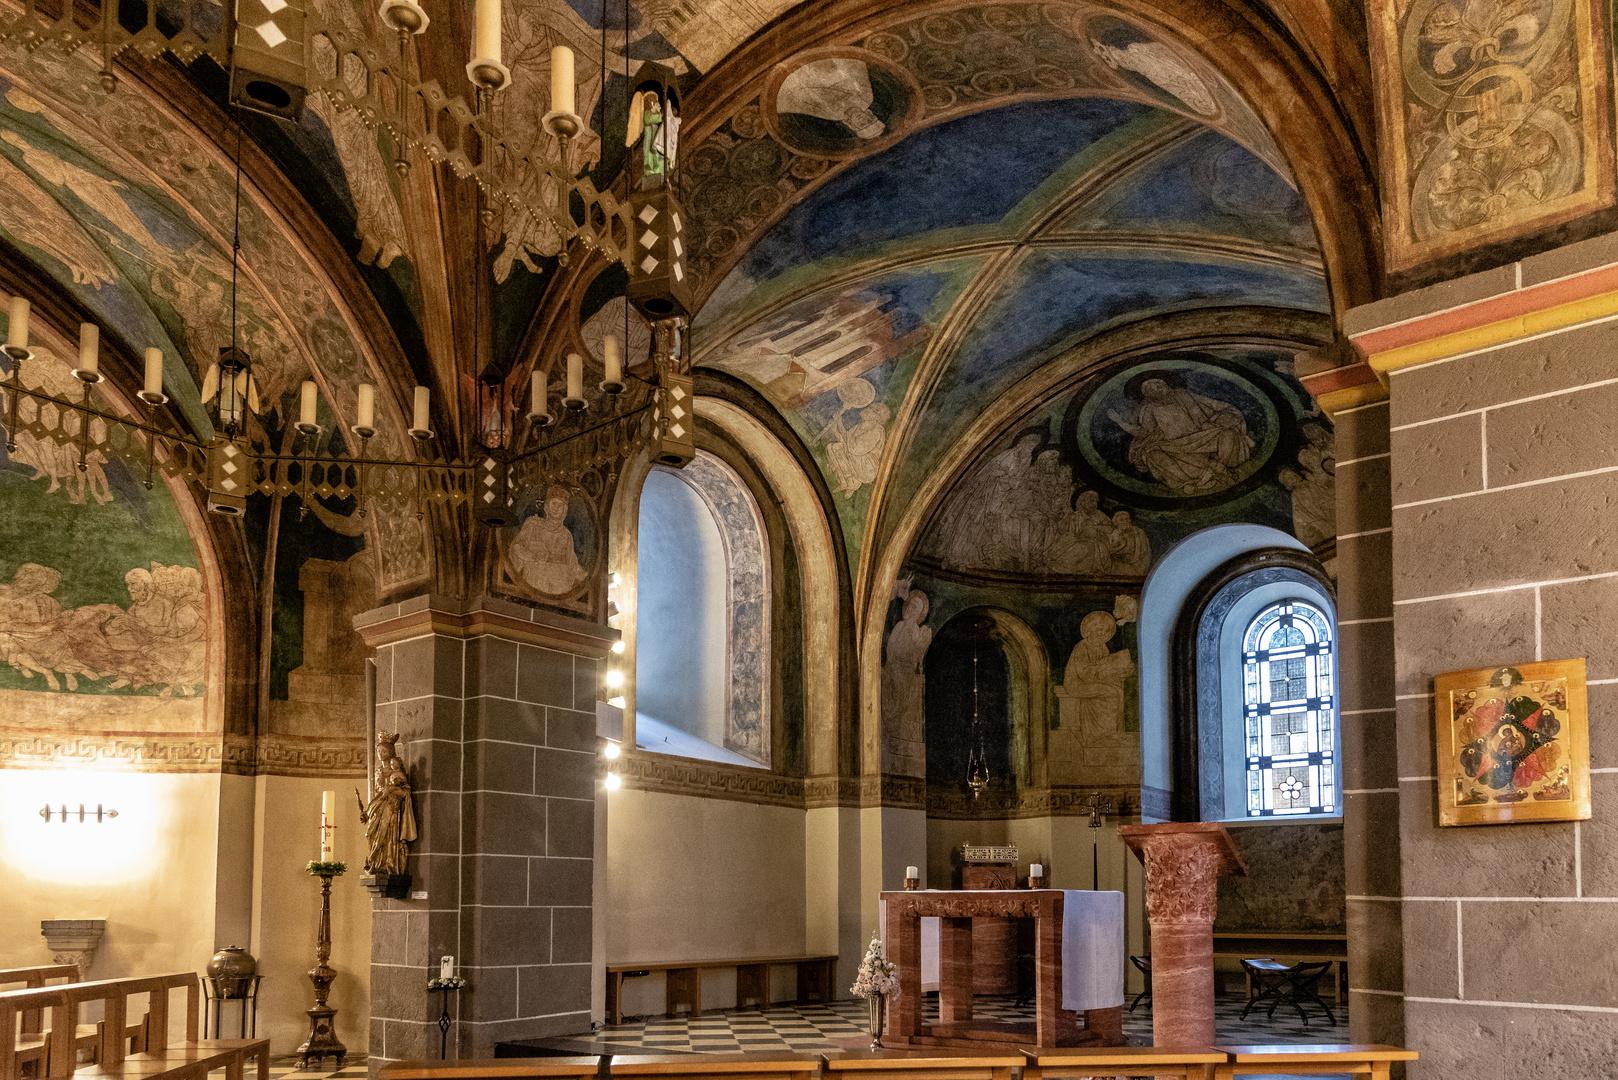 Doppelkirche Schwarzrheindorf - St. Clemens (2)